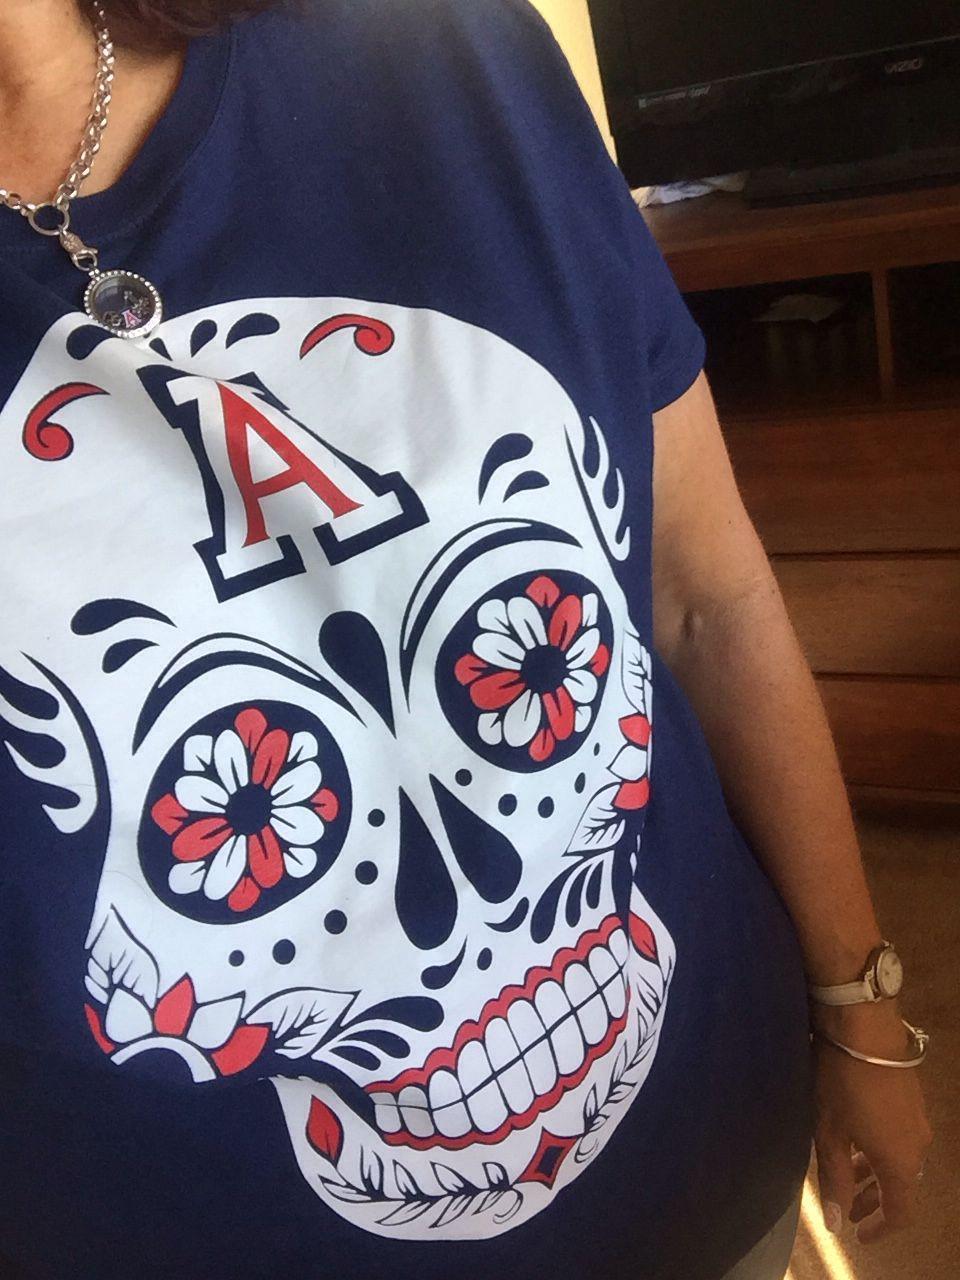 d753b9d3a Arizona Wildcat T-shirt. UofA Cats. Bear Down. Dia De Los Muertos ...